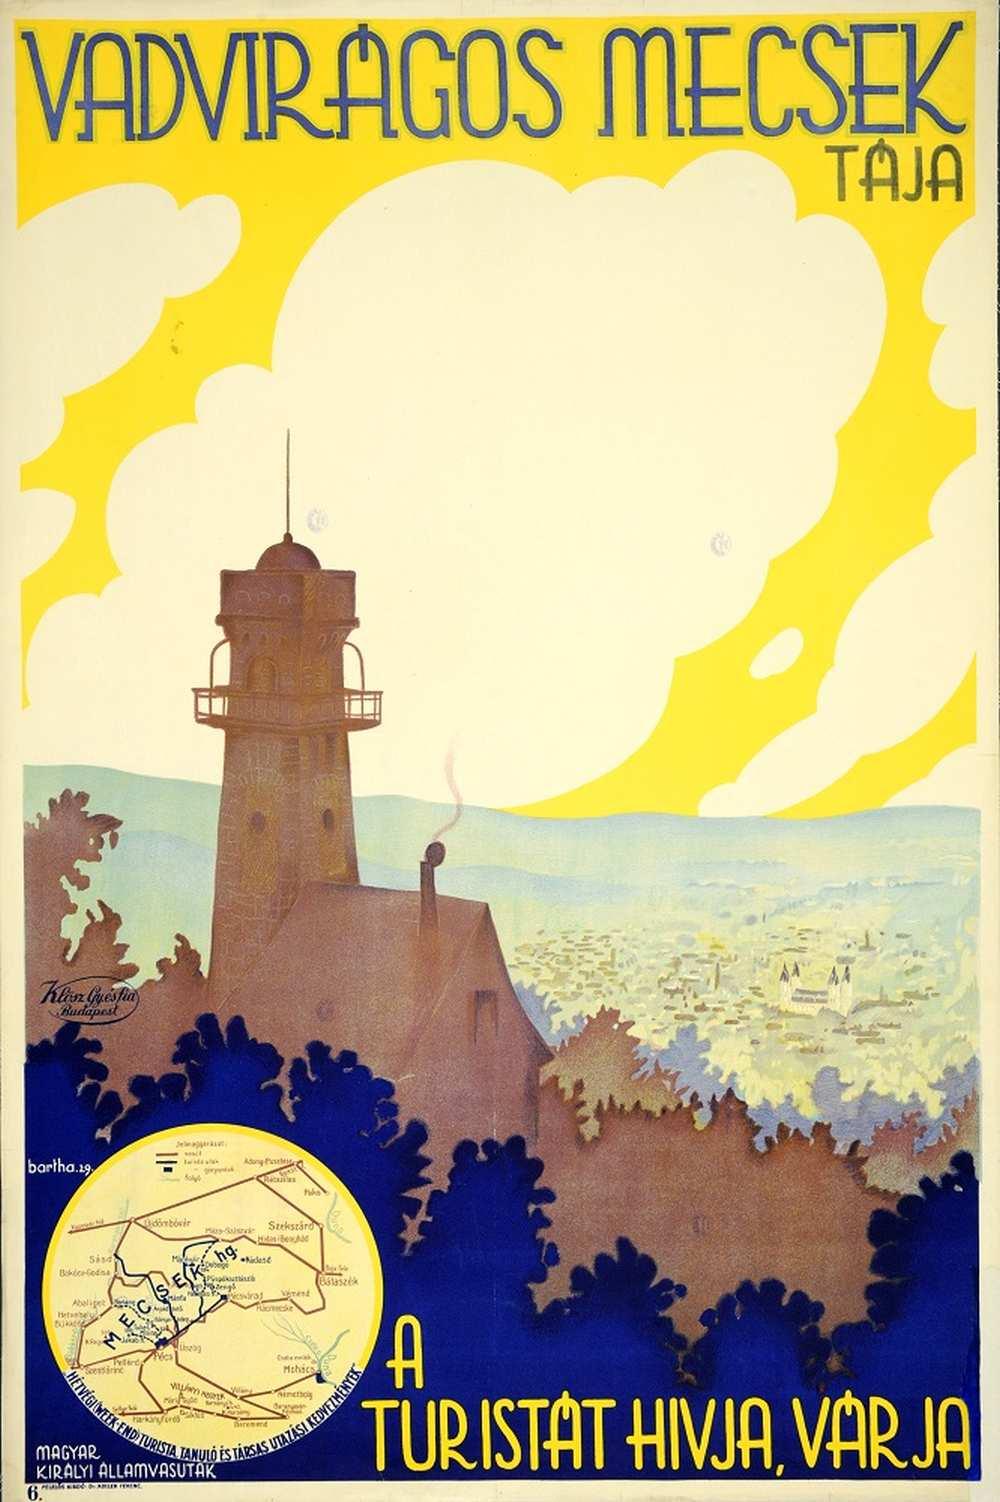 Bartha László: Vadvirágos Mecsek tája a turistát hívja, várja (1929). Jelzet: PKG.1929/207 – Térkép-, Plakát- és Kisnyomtatványtárhttp://nektar.oszk.hu/hu/manifestation/27892